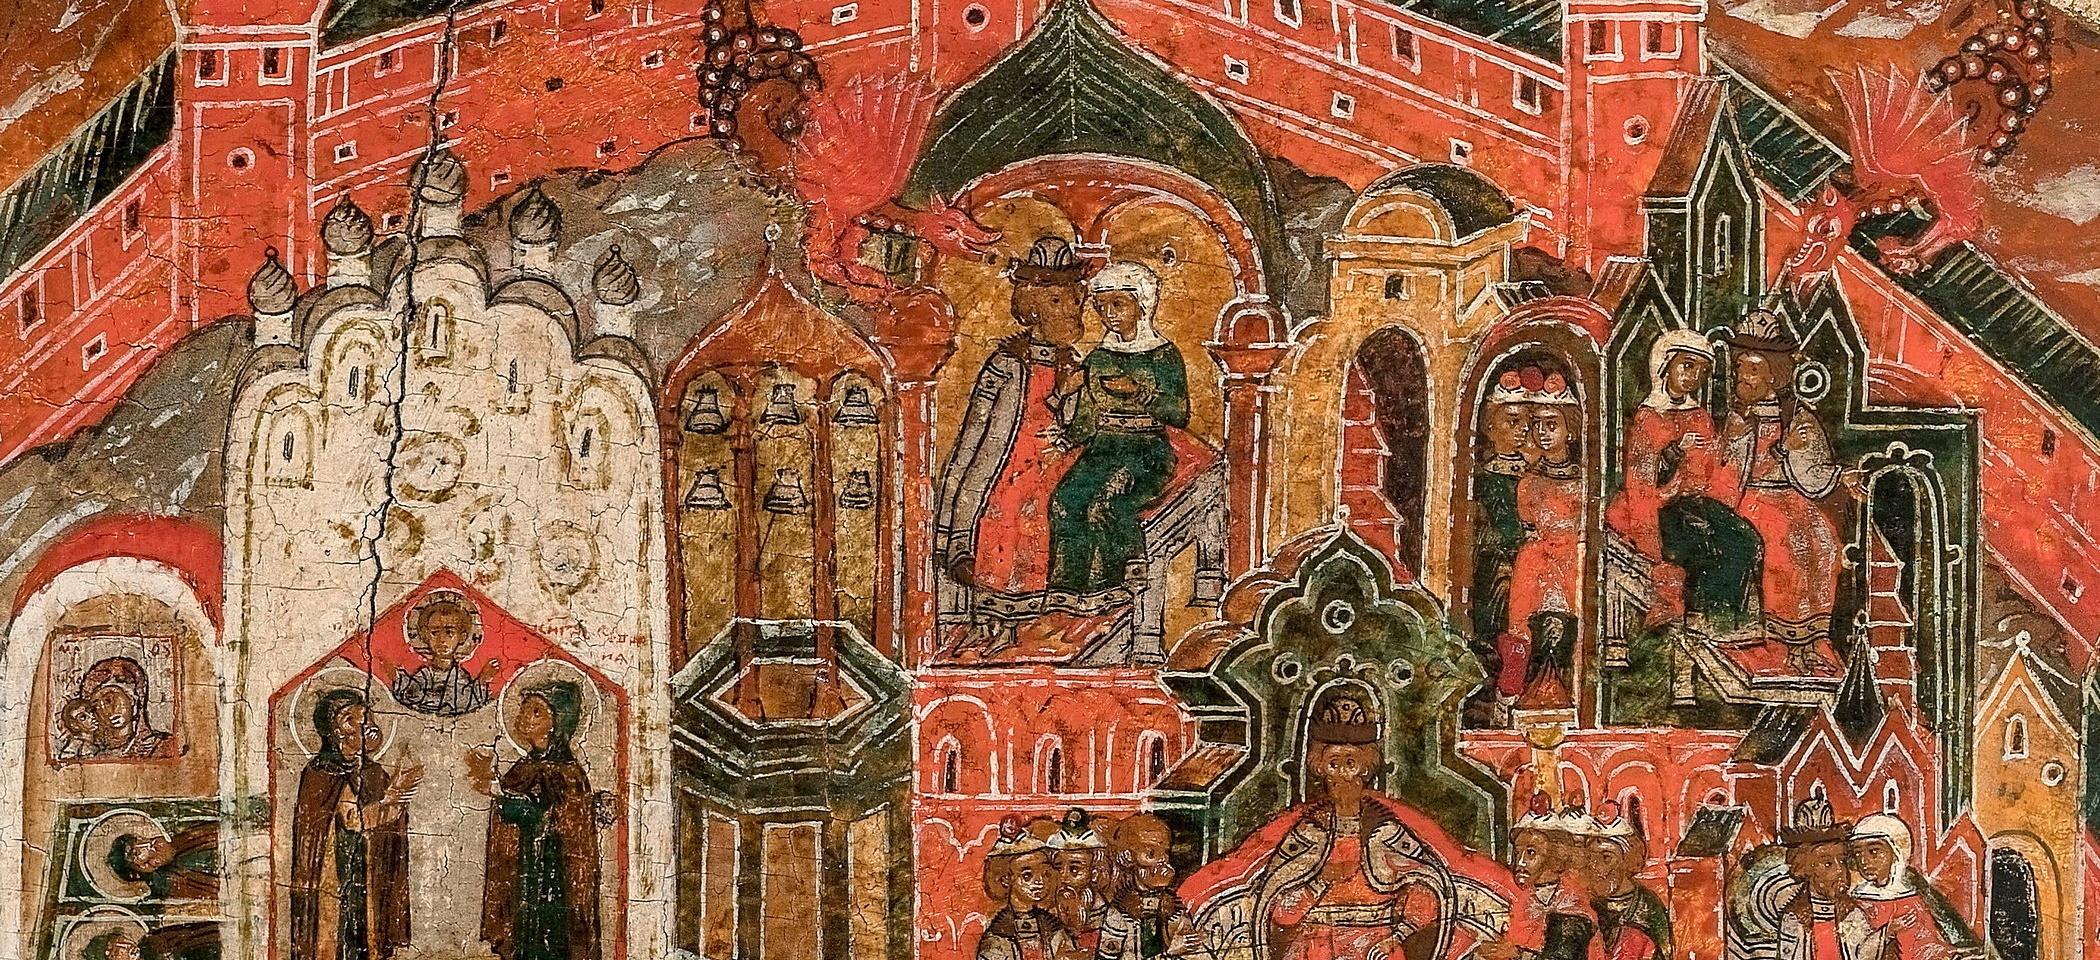 Икона «Муромские чудотворцы, с житием Петра и Февронии» 1669 года. Благоверные князья и праведные жены